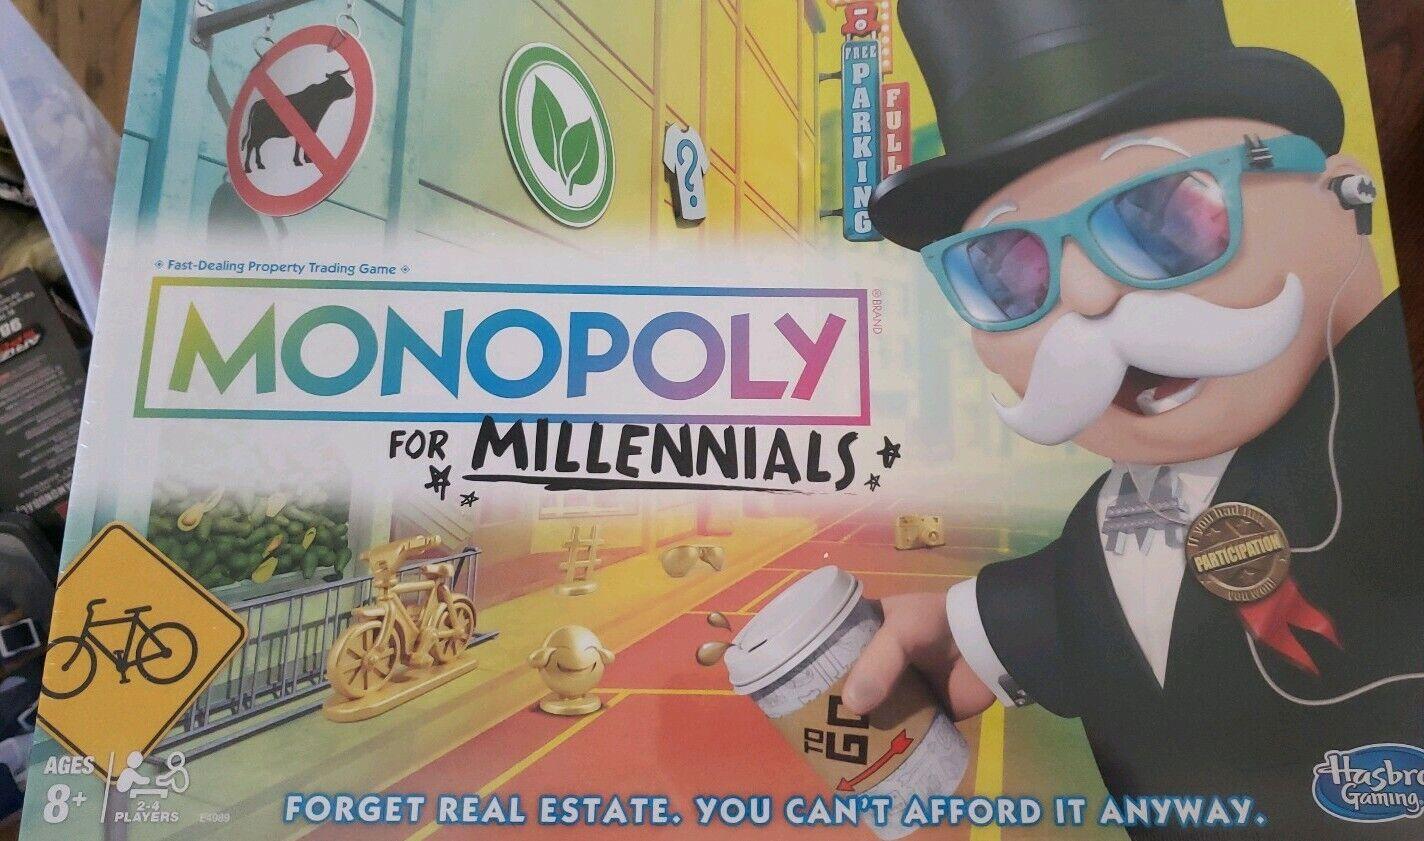 Monopoly For Millennials Millenials Milennials Board Game BINC9